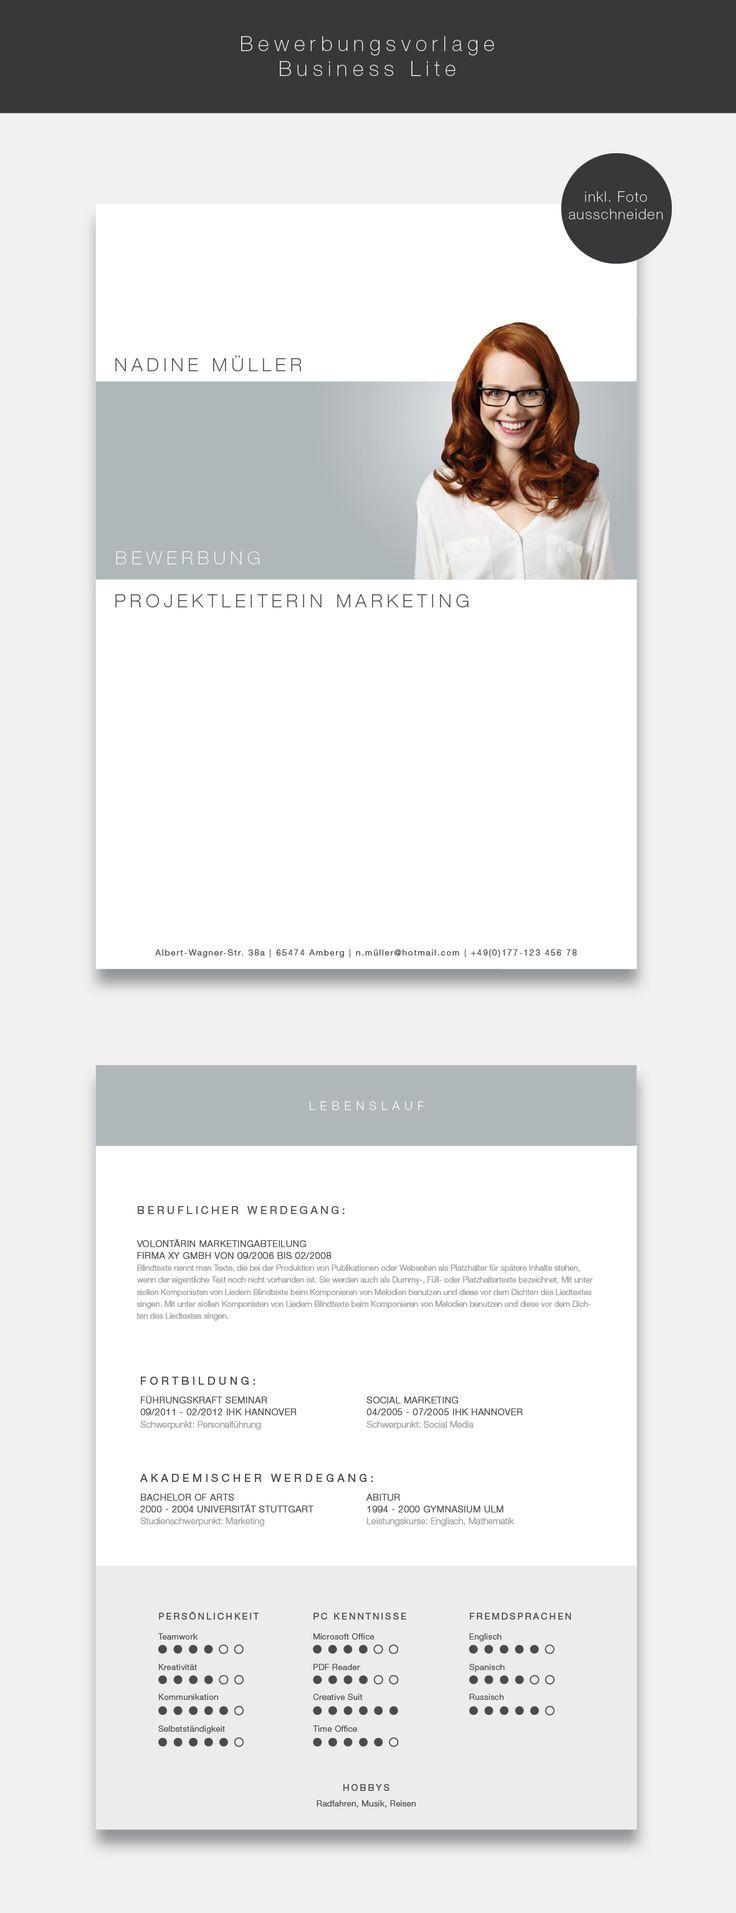 """Ab jetzt neu in unserem Shop. Die Bewerbungsvorlage """"Business Lite"""" ( #cvtemplate ) in der Farbe Light Grey. Mit der stilsicheren Vorlage """"Business Lite"""" heben sie sich von allen anderen ab und zeigen, dass kein Weg an Ihnen vorbeiführt. Sie erhalten von uns ein Deckblatt, Anschreiben, Lebenslauf, Motivationsschreiben und eine Abschlussseite. Die Datei bekommen Sie als fertige Pages- oder Word-Datei inklusive Platzhaltertext mit Hinweisen. #grafikdesign #business"""